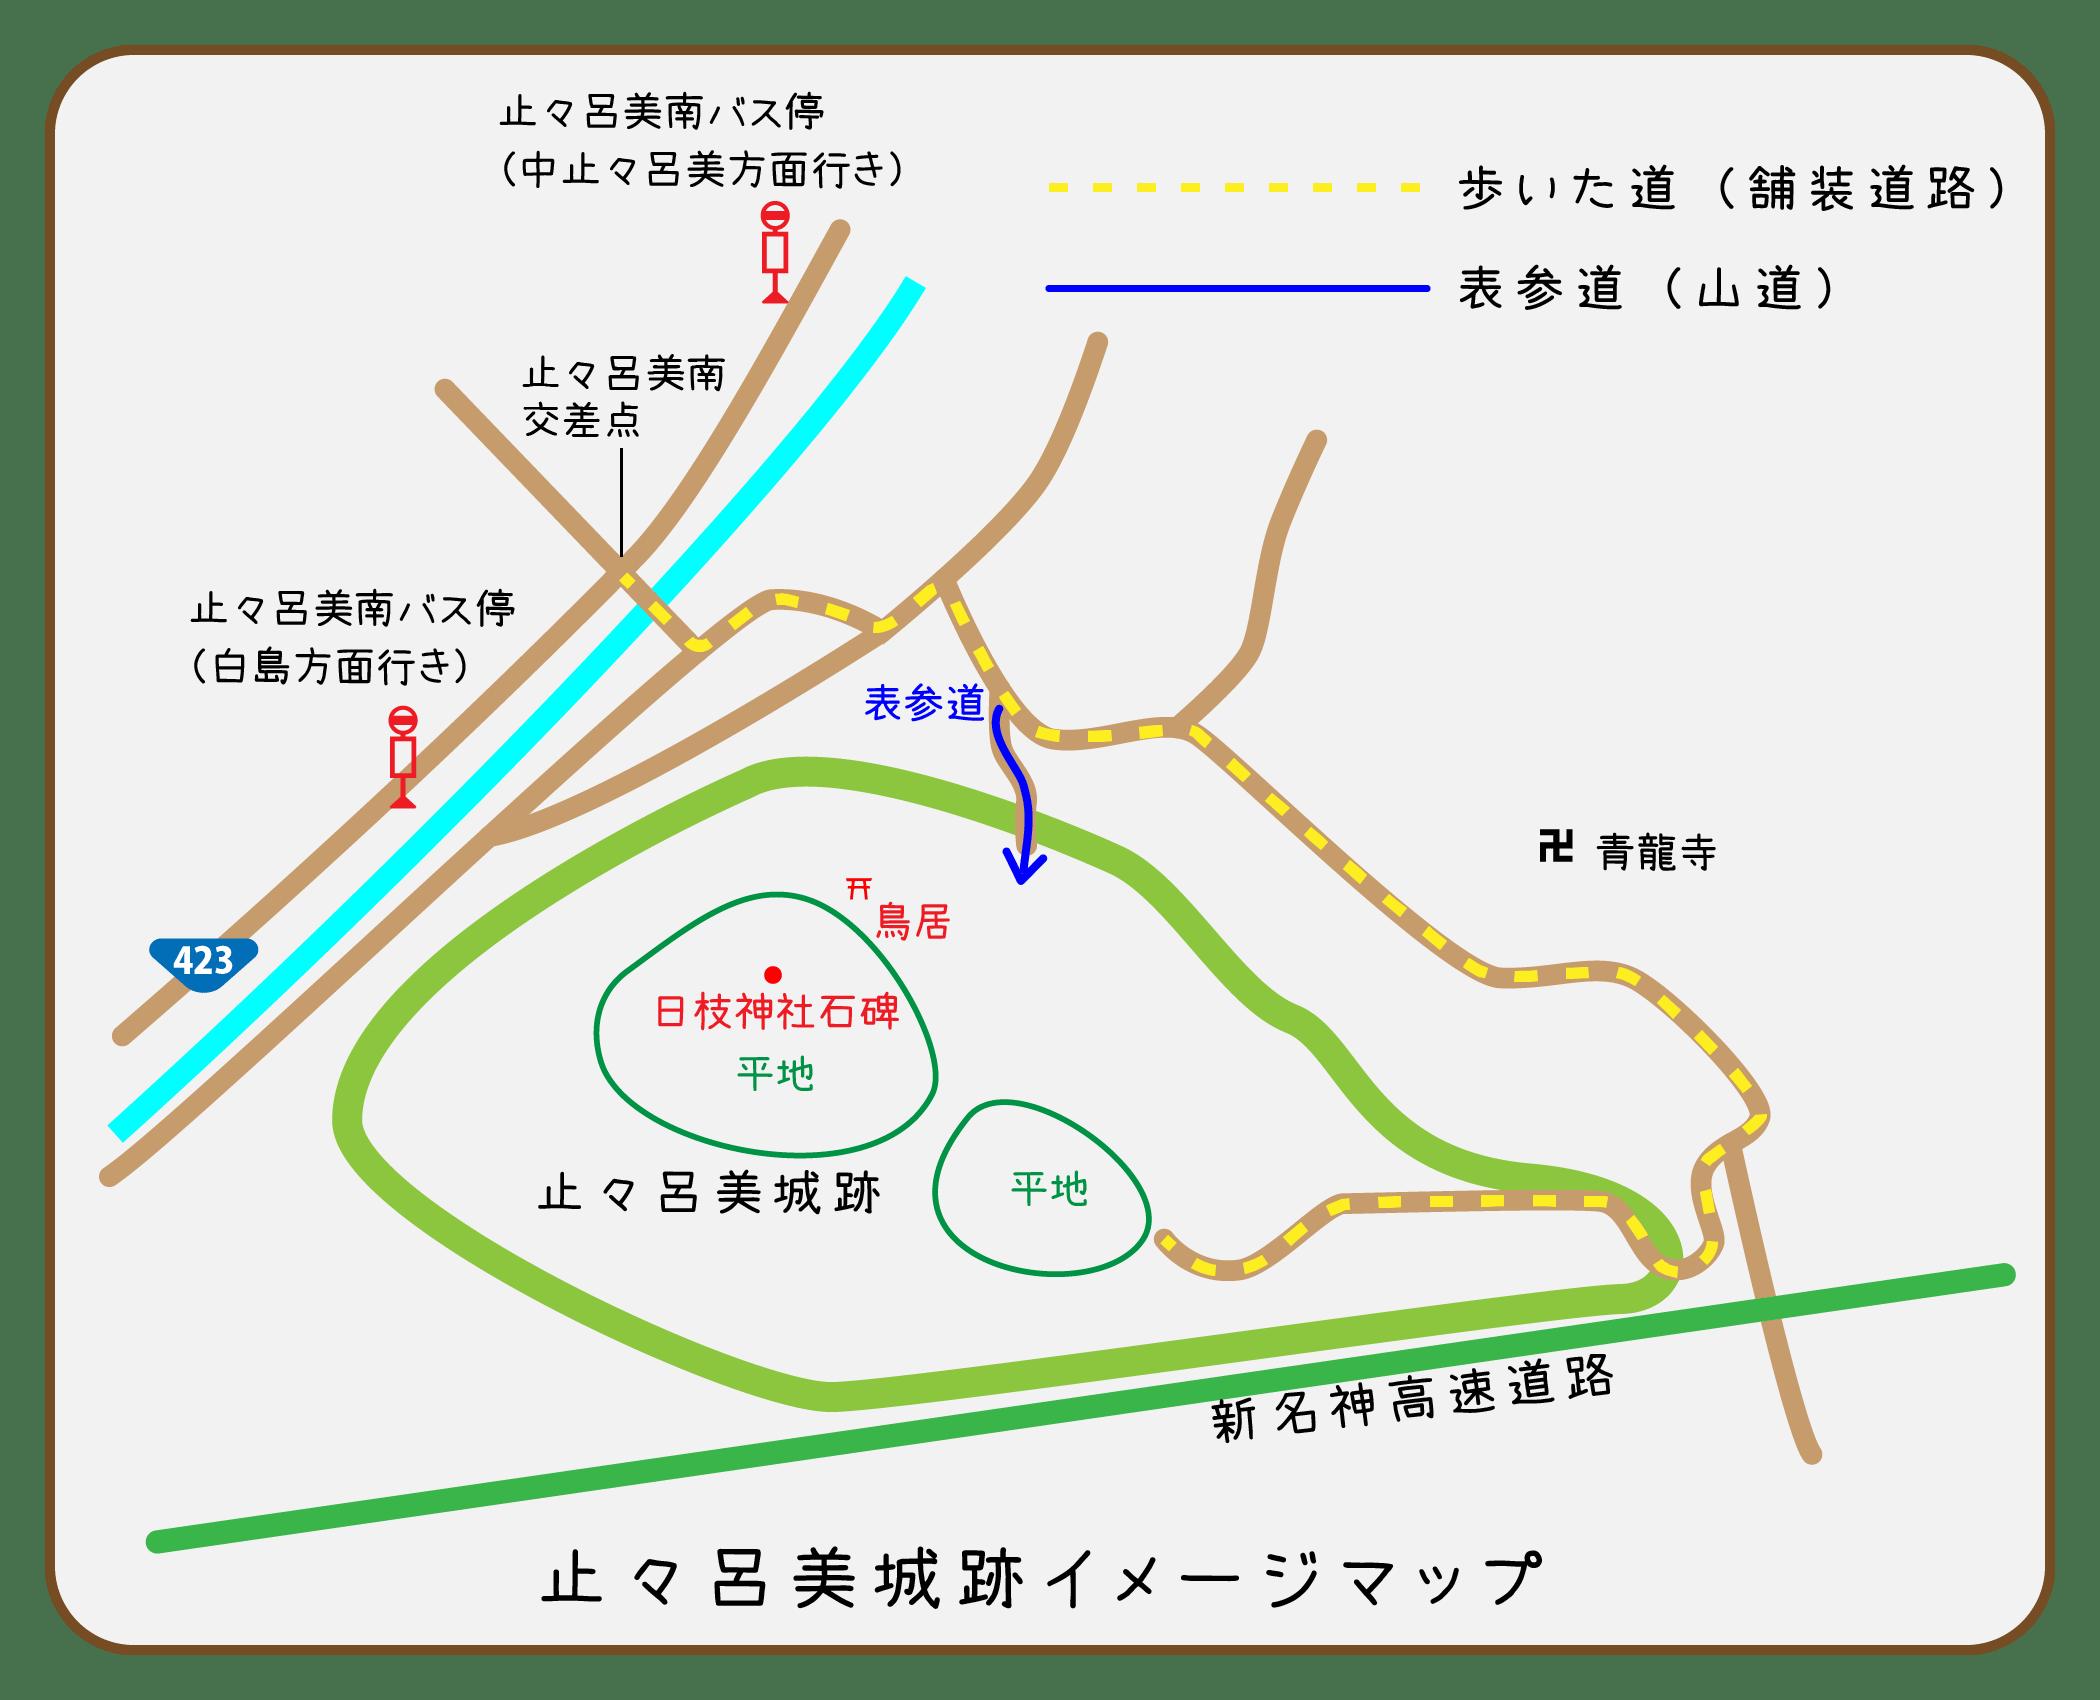 止々呂美城跡イメージマップ